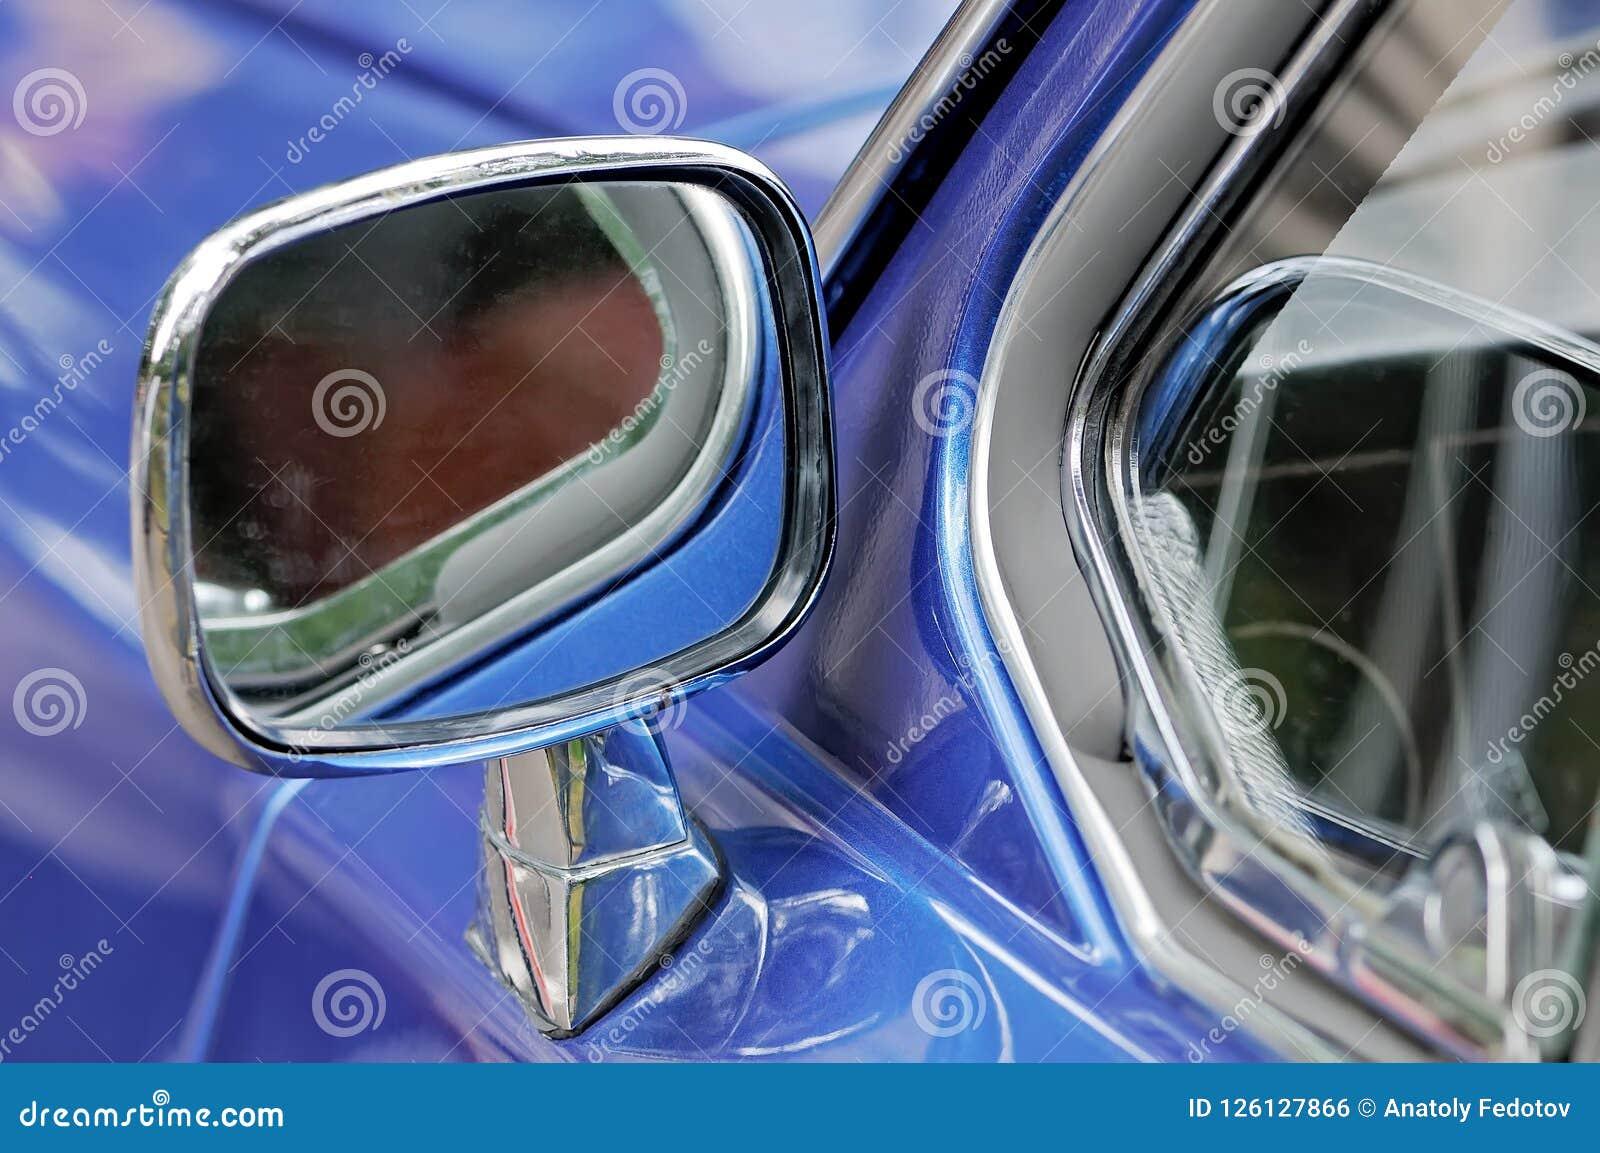 Autospiegel in einem Chromgehäuse auf einem blauen Auto